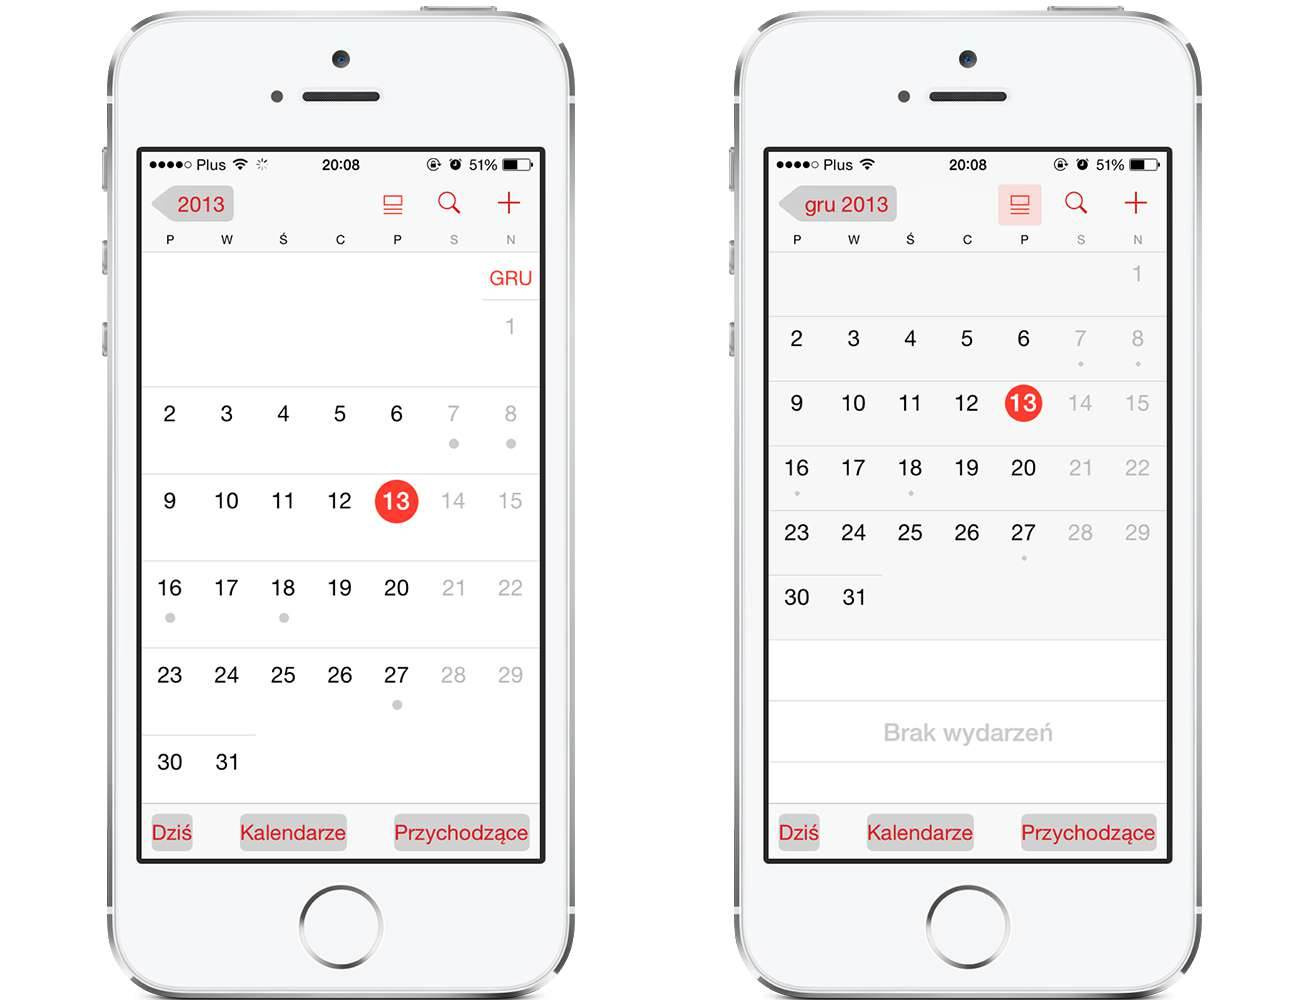 iOS 7.1 beta 2 - lista zmian polecane Update, OTA, Oprogramowanie, iPhone, iPad, iOS7.1b2, iOS7.1 beta2, iOS7.1, iOS 7.1 beta 2, iOS 7 beta2, iOS, Apple, Aktualizacja, 11D5115d  W piątek Apple udostępniło nową wersję systemu iOS 7.1 która oznaczona jest jako build 11D5115d. Poniżej znajdziecie listę zmian jakie zauważyłem w stosunku do poprzedniej bety. Wpis jest aktualizowany na bieżąco także zapraszam do częstego odwiedzania strony. b2.2